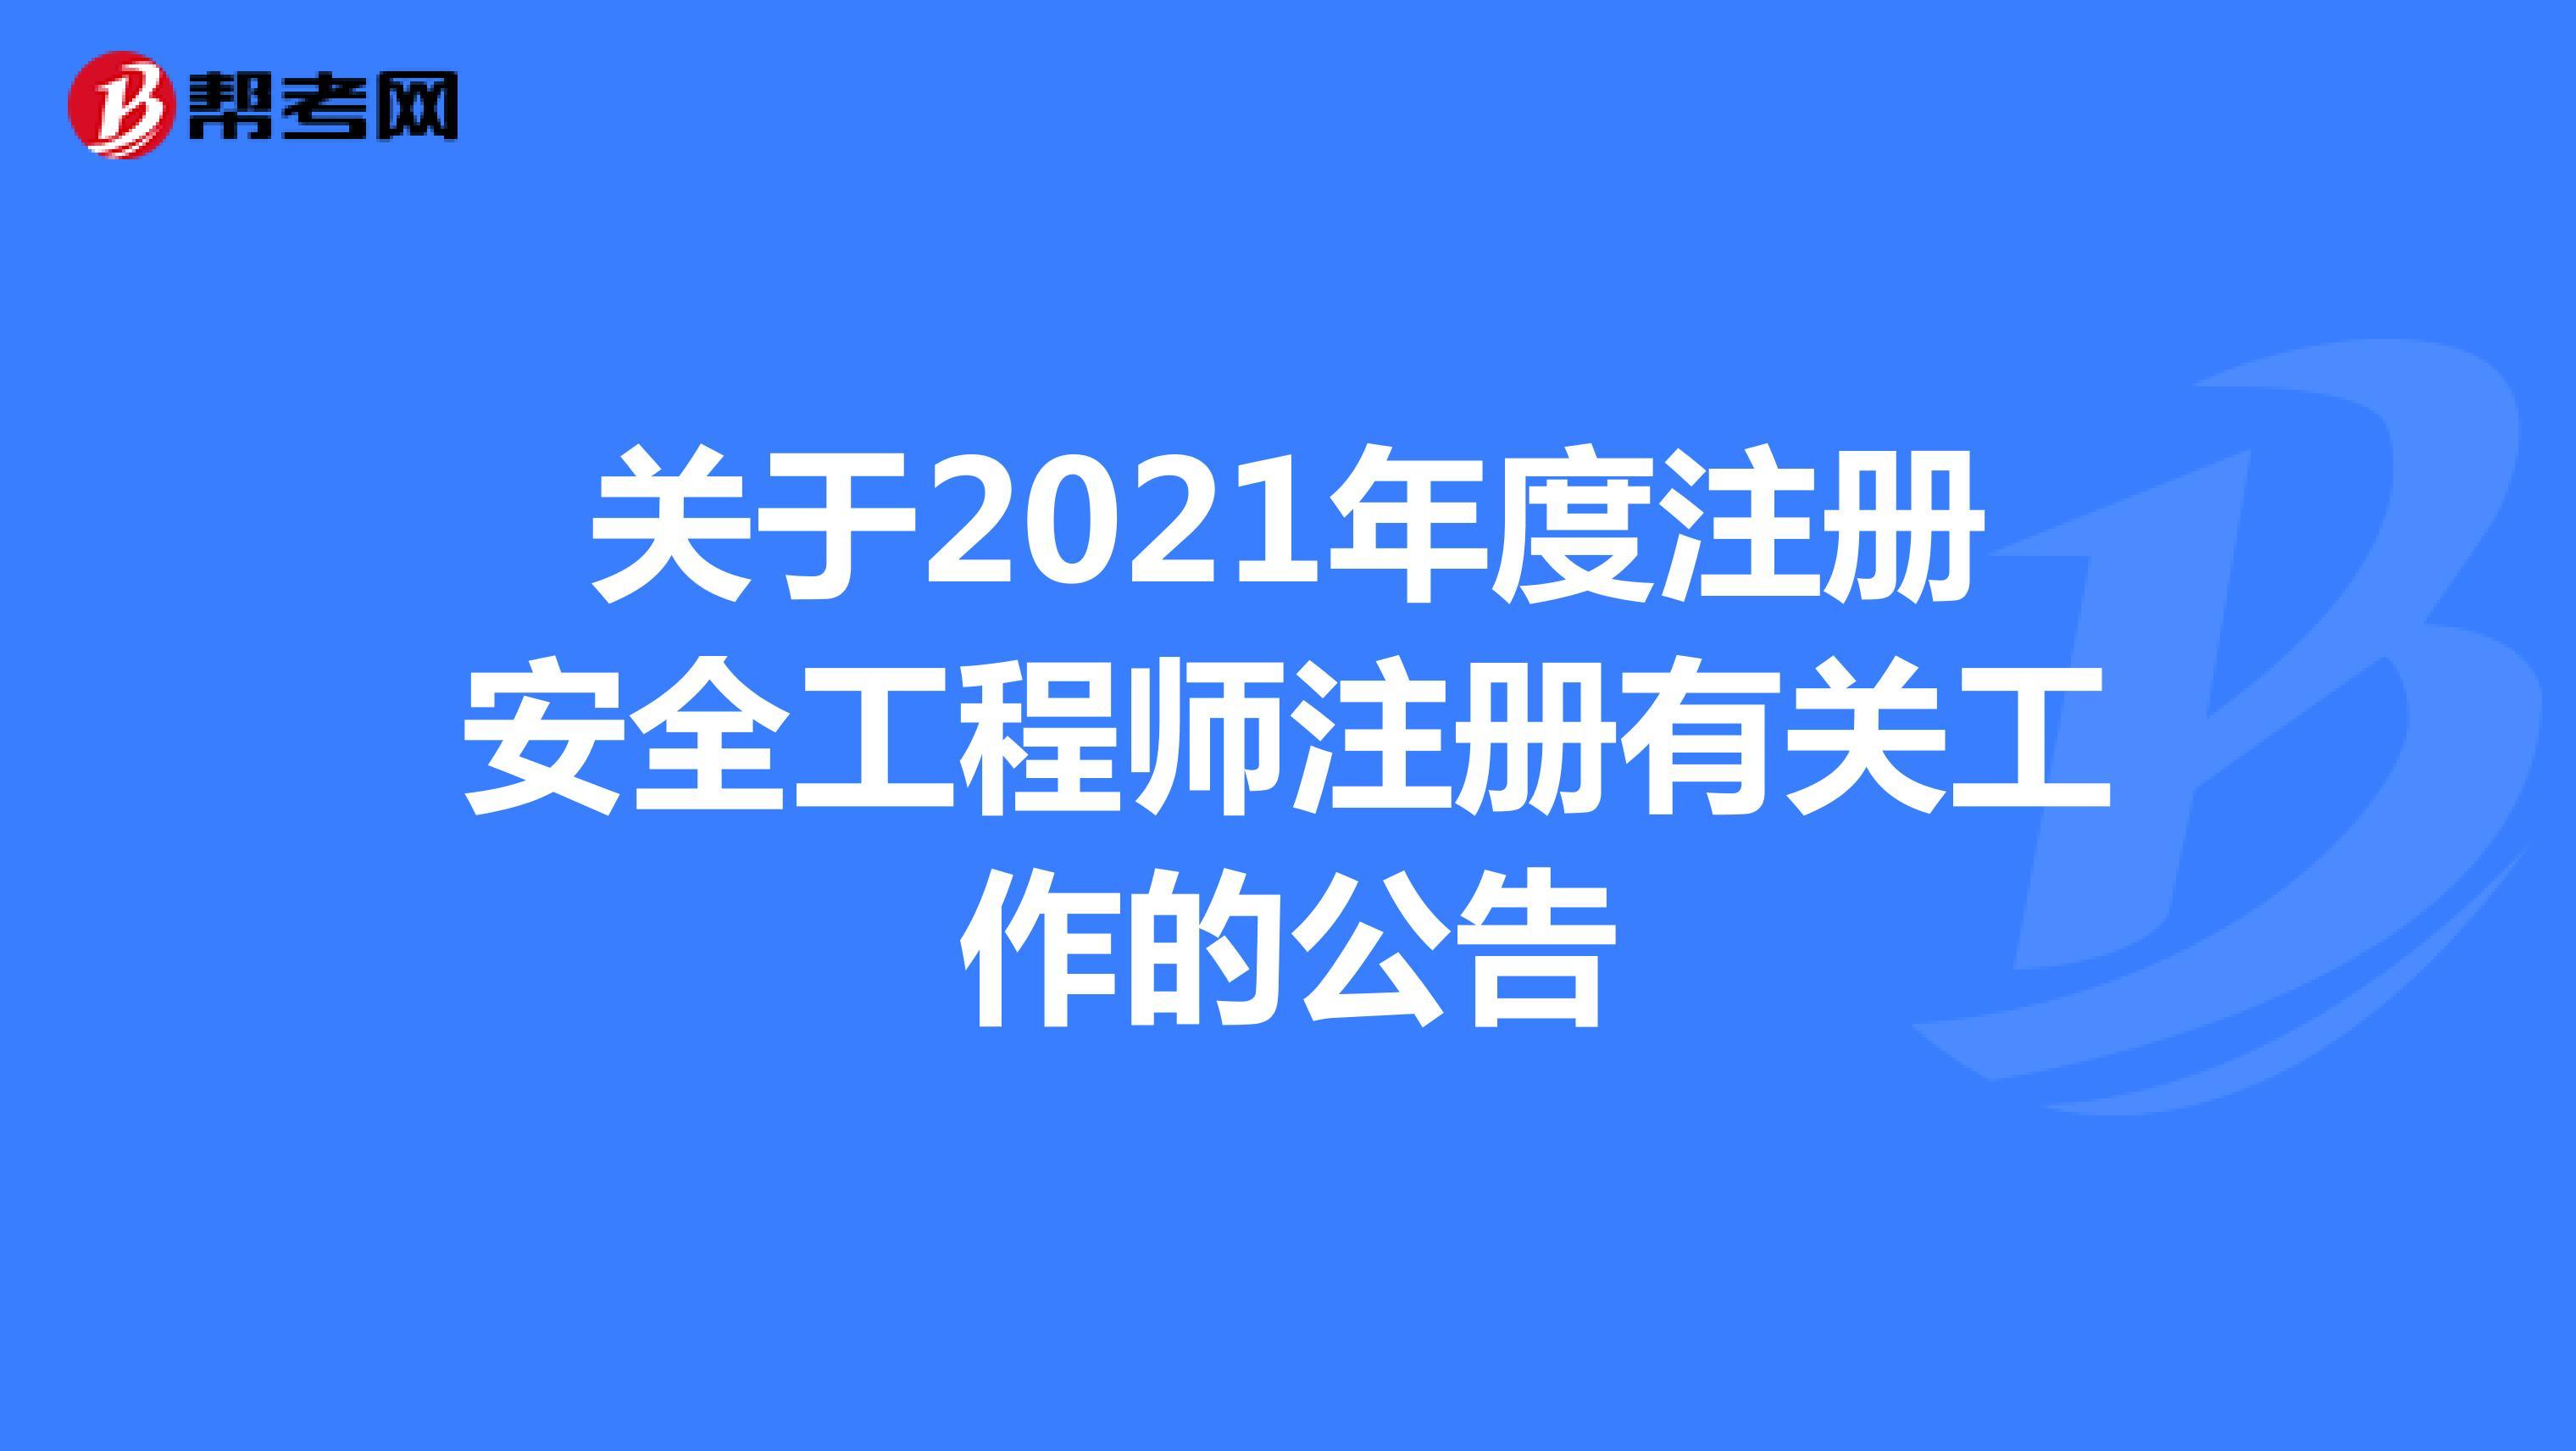 关于2021年度注册安全工程师注册有关工作的公告